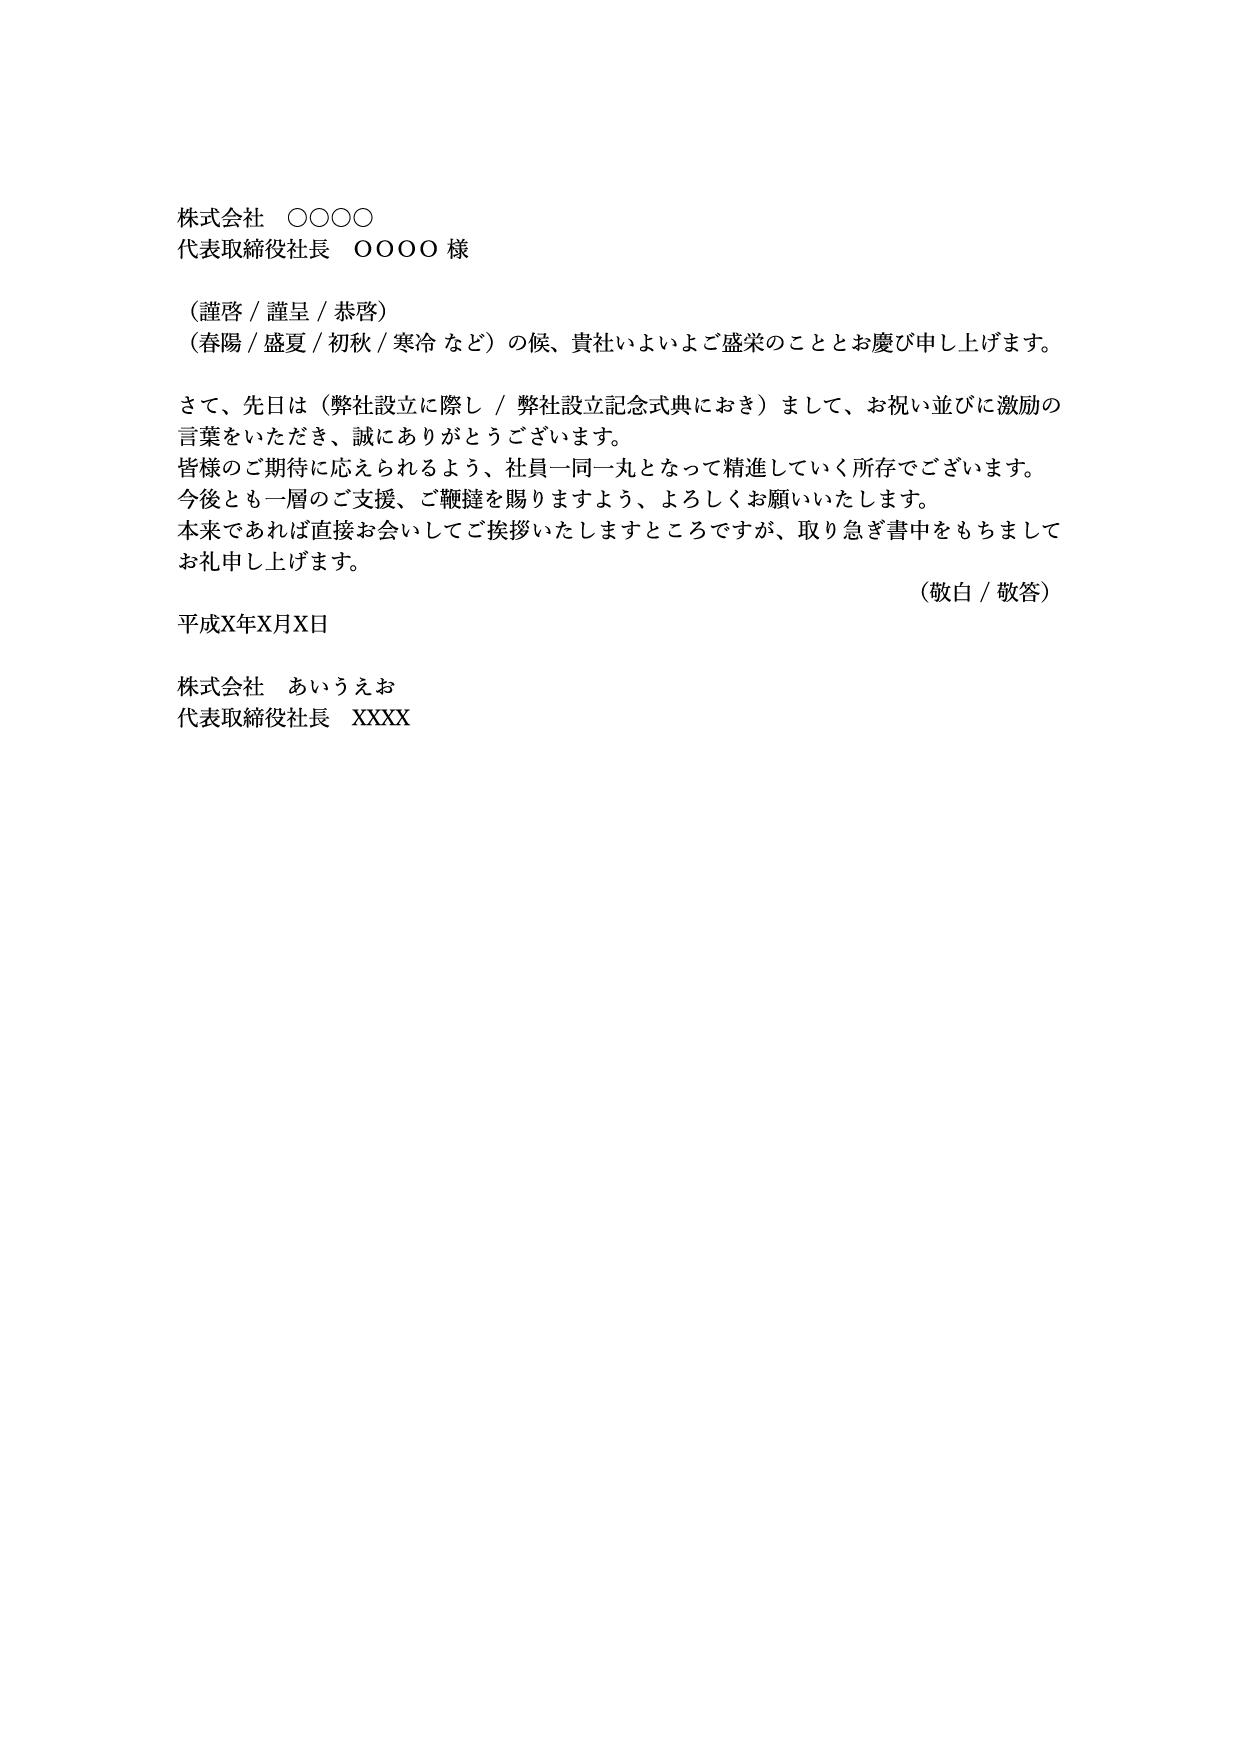 お礼状テンプレート_お祝詞/激励(ワード・ページズ)